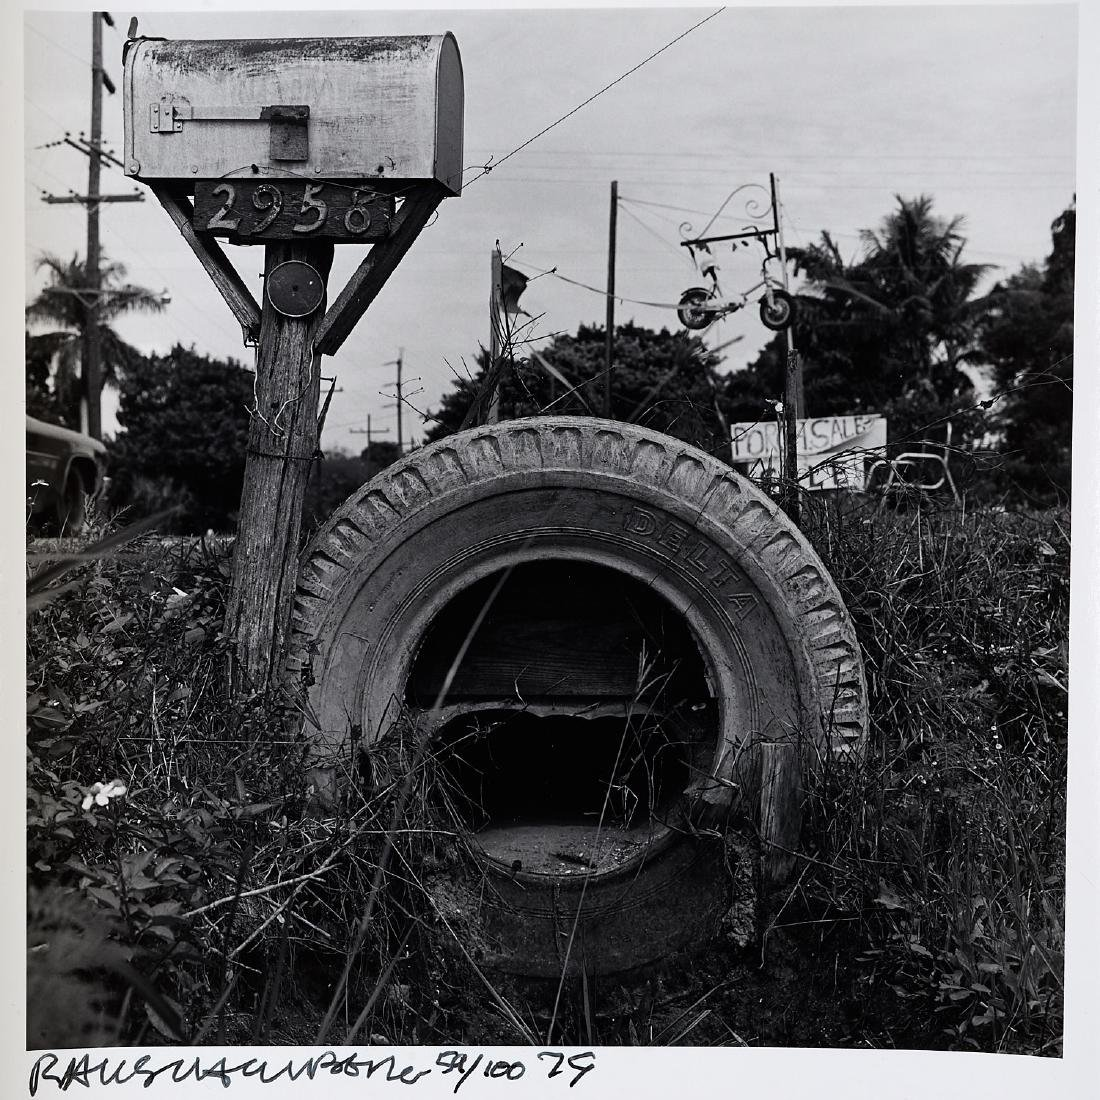 Robert Rauschenberg, Mailbox and Tire, 1979 - 2